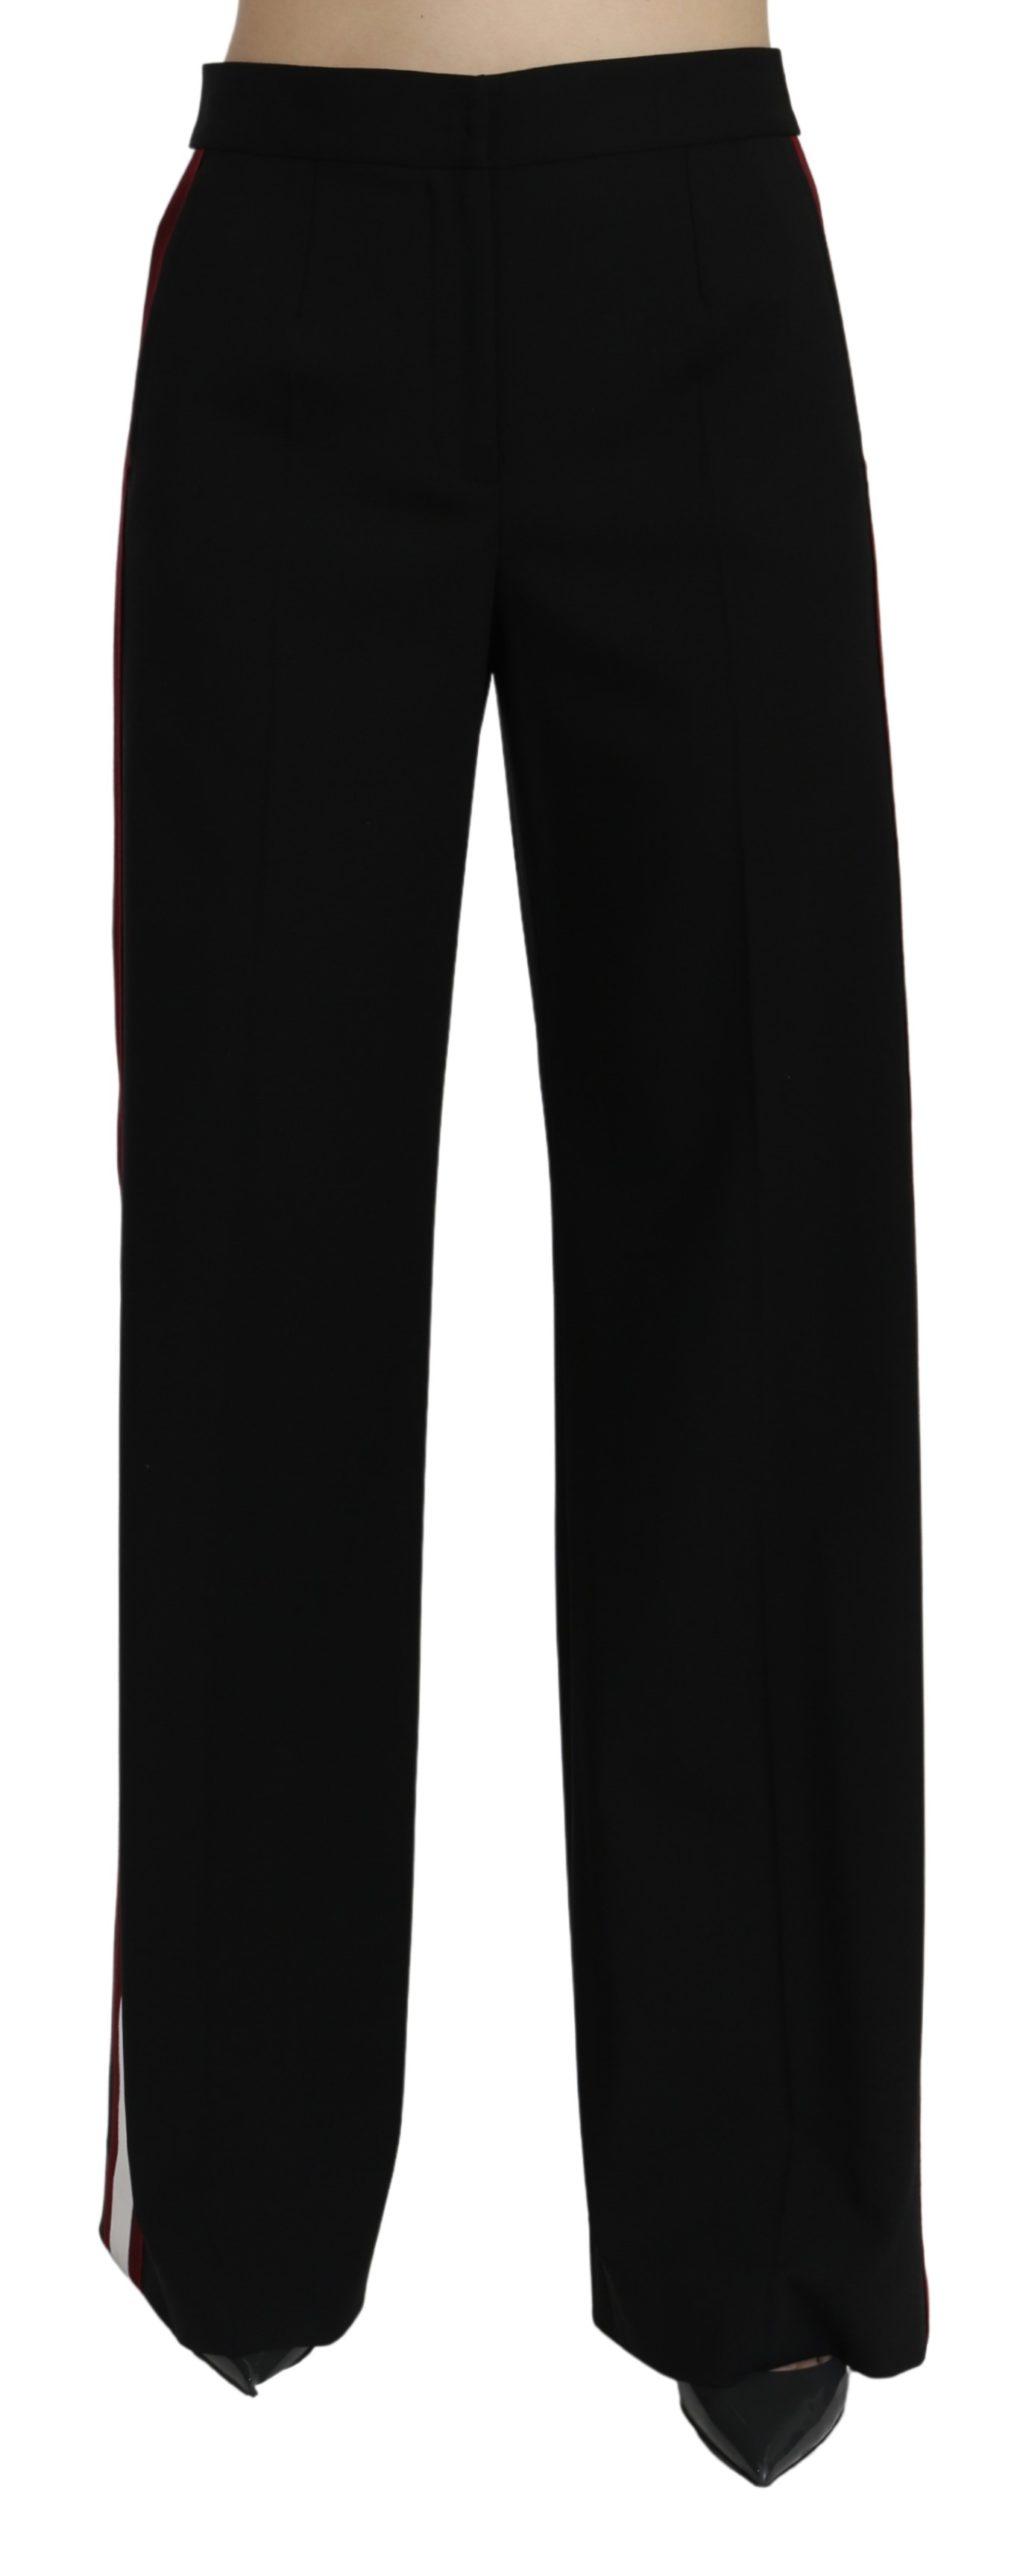 Dolce & Gabbana Women's High Waist Wool Trouser Black PAN71066 - IT40|S